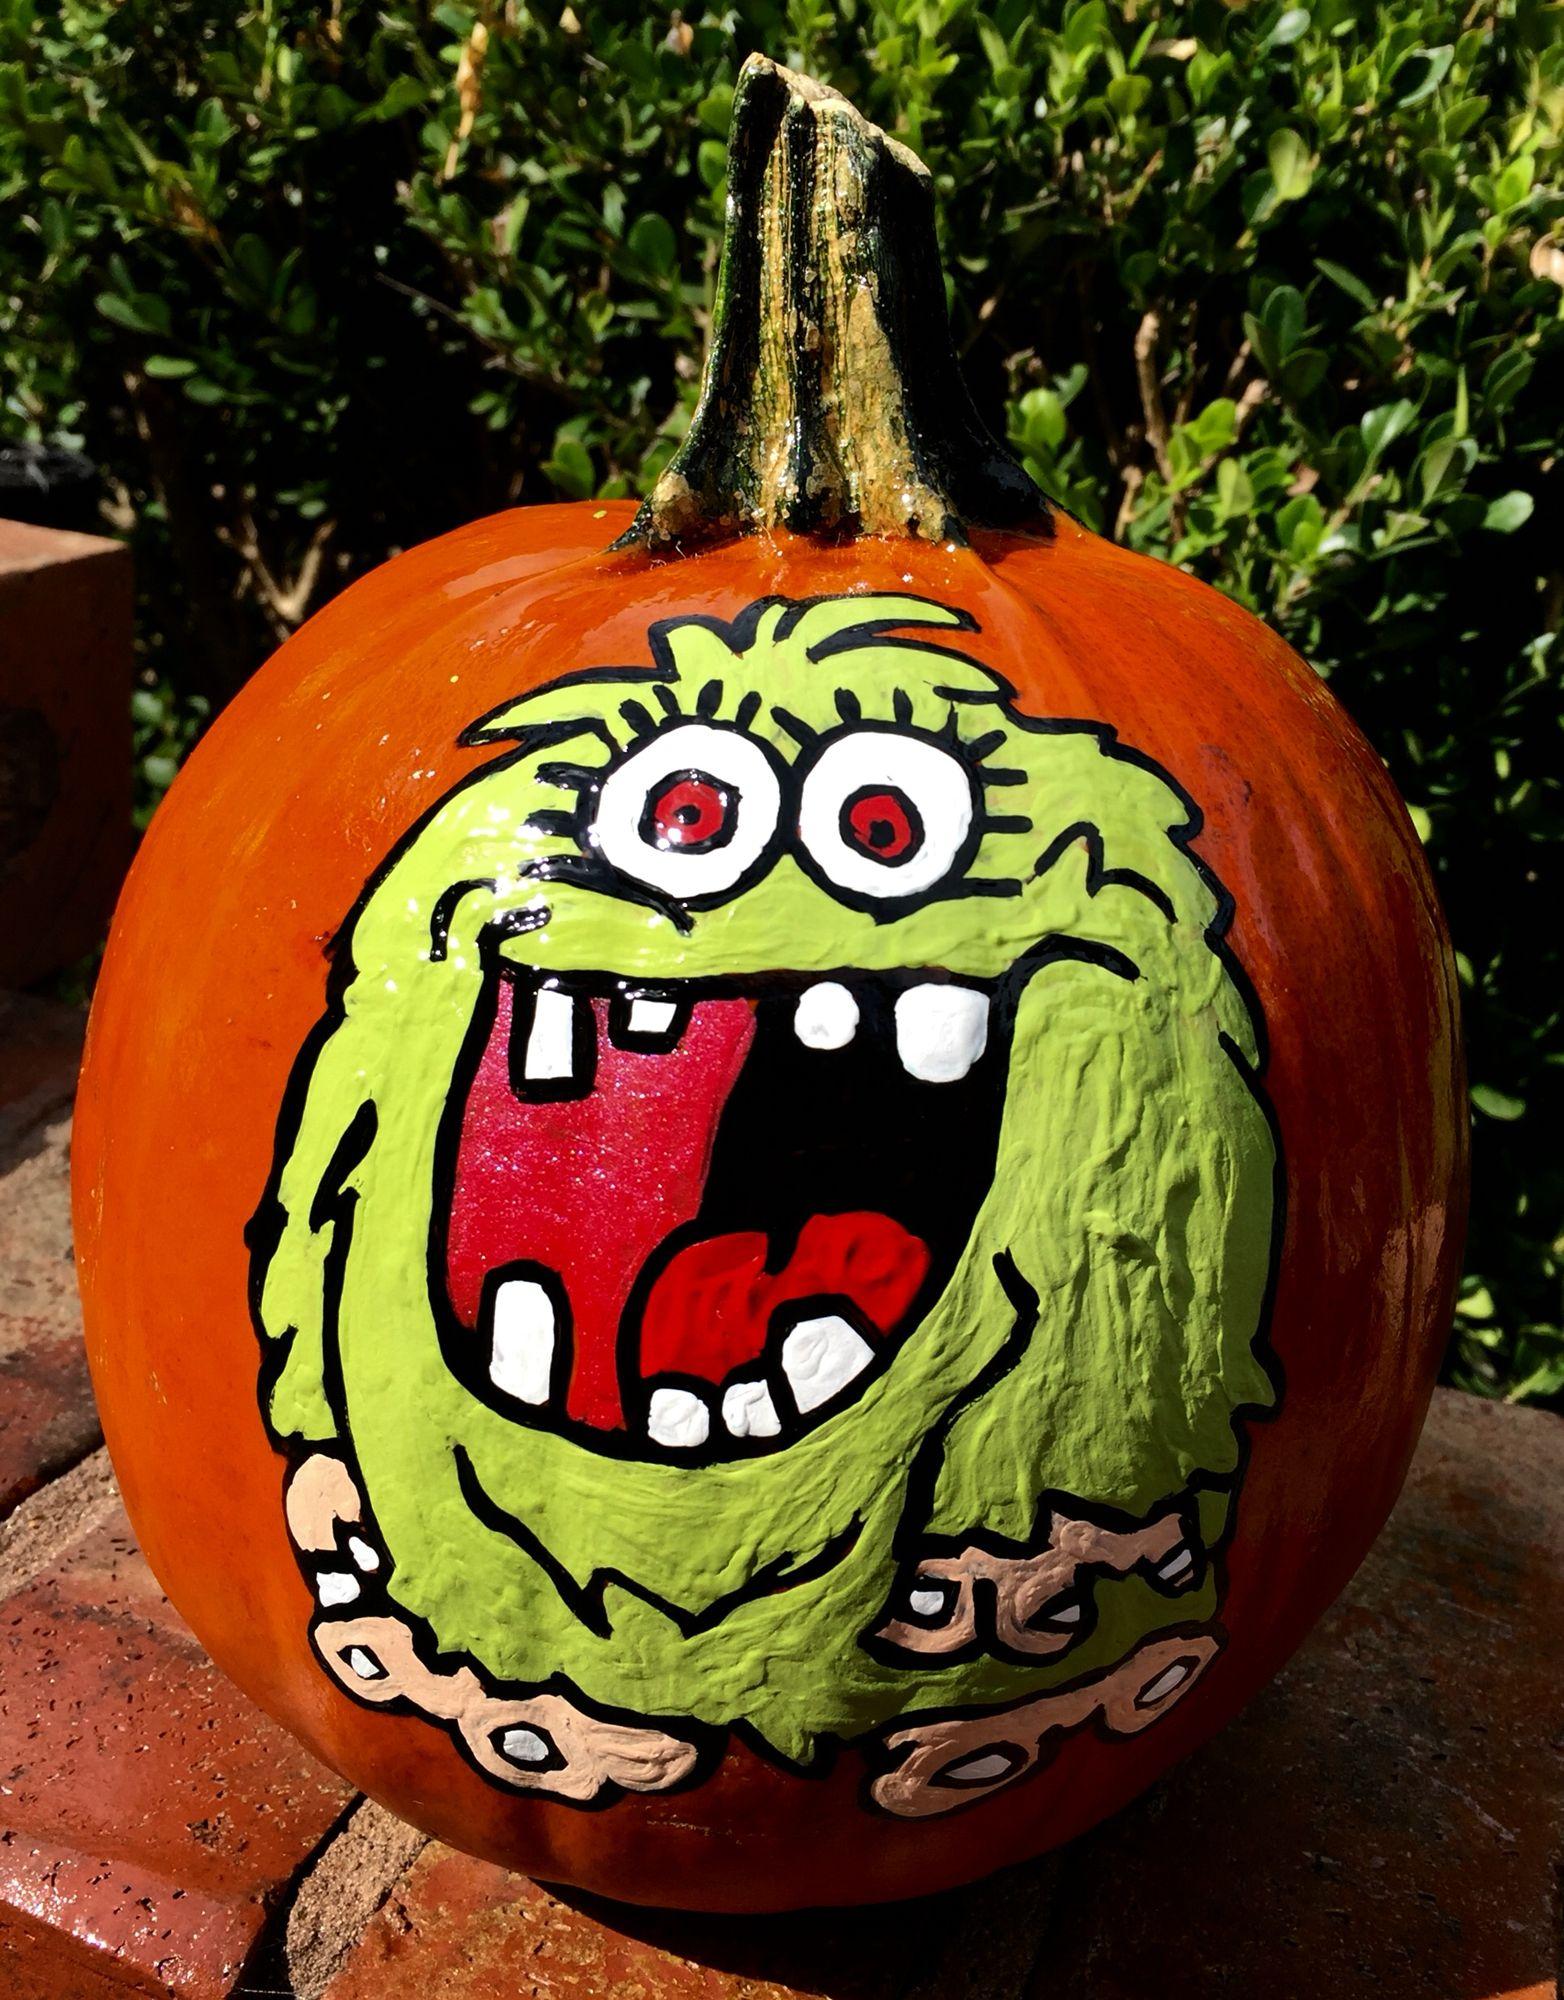 Monster Hand painted pumpkin, Painted pumpkins, Fall